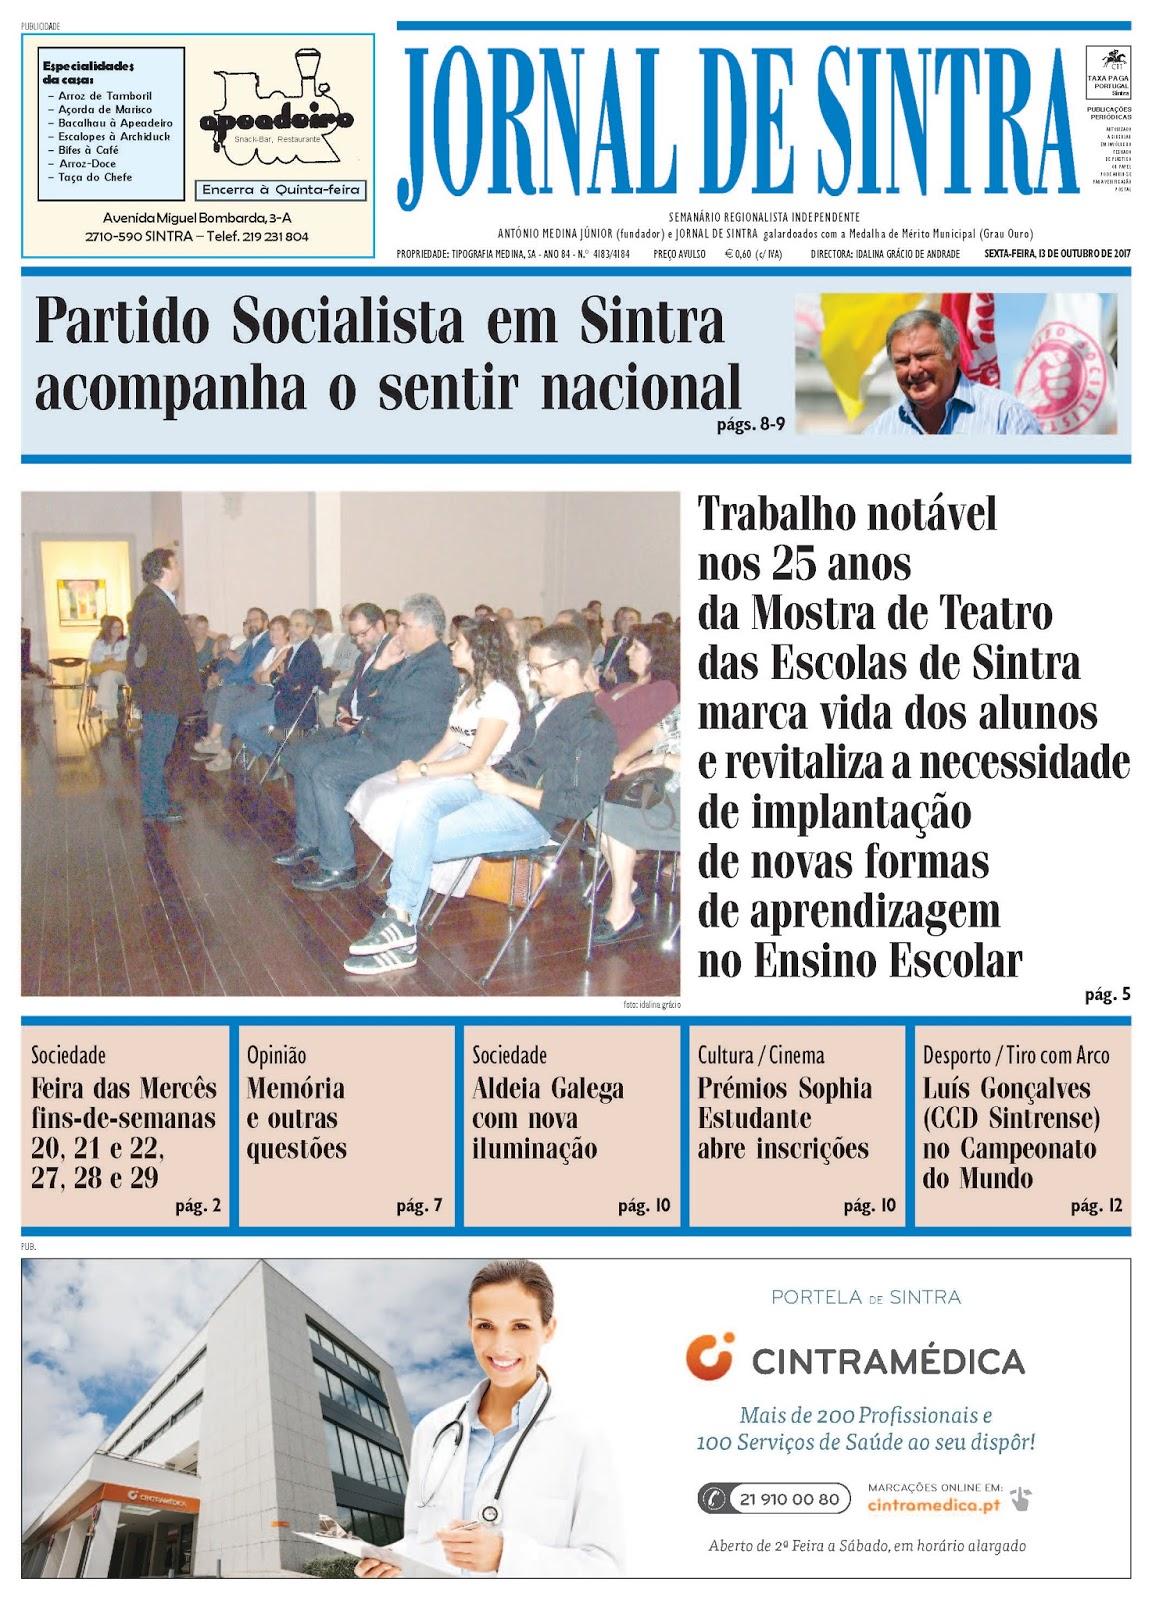 Capa da edição de 13-10-2017